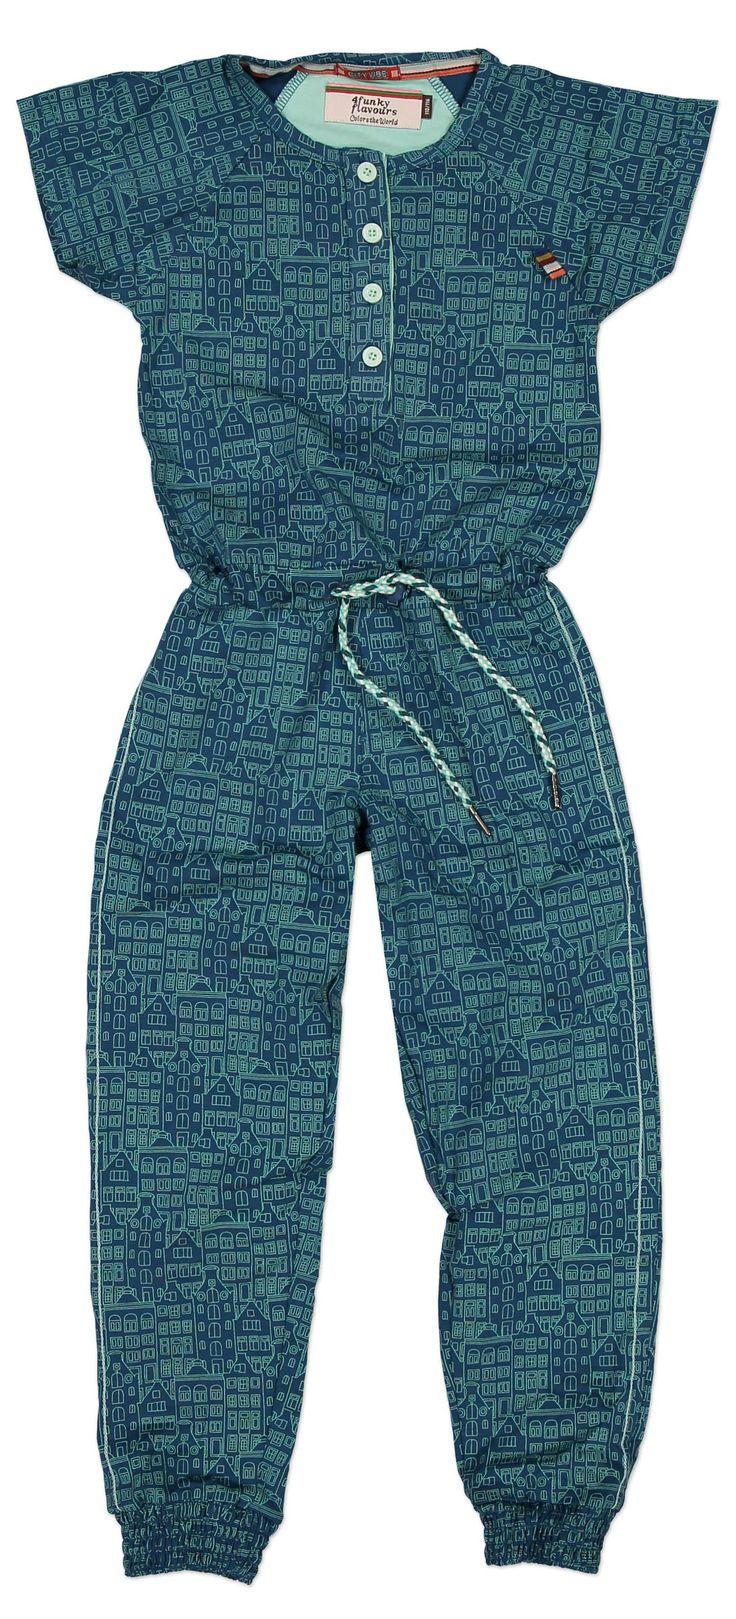 Blauwe meisjes jumpsuite Hells kitchen van het kinderkleding merk 4funkyflavours.  Dit is een jumpsuite uit de reeks City Vibes, met een all over retro print. Voorzien van korte mouw en lange benen. In de taille is deze aan te trekken dmv een gedraaide koord.